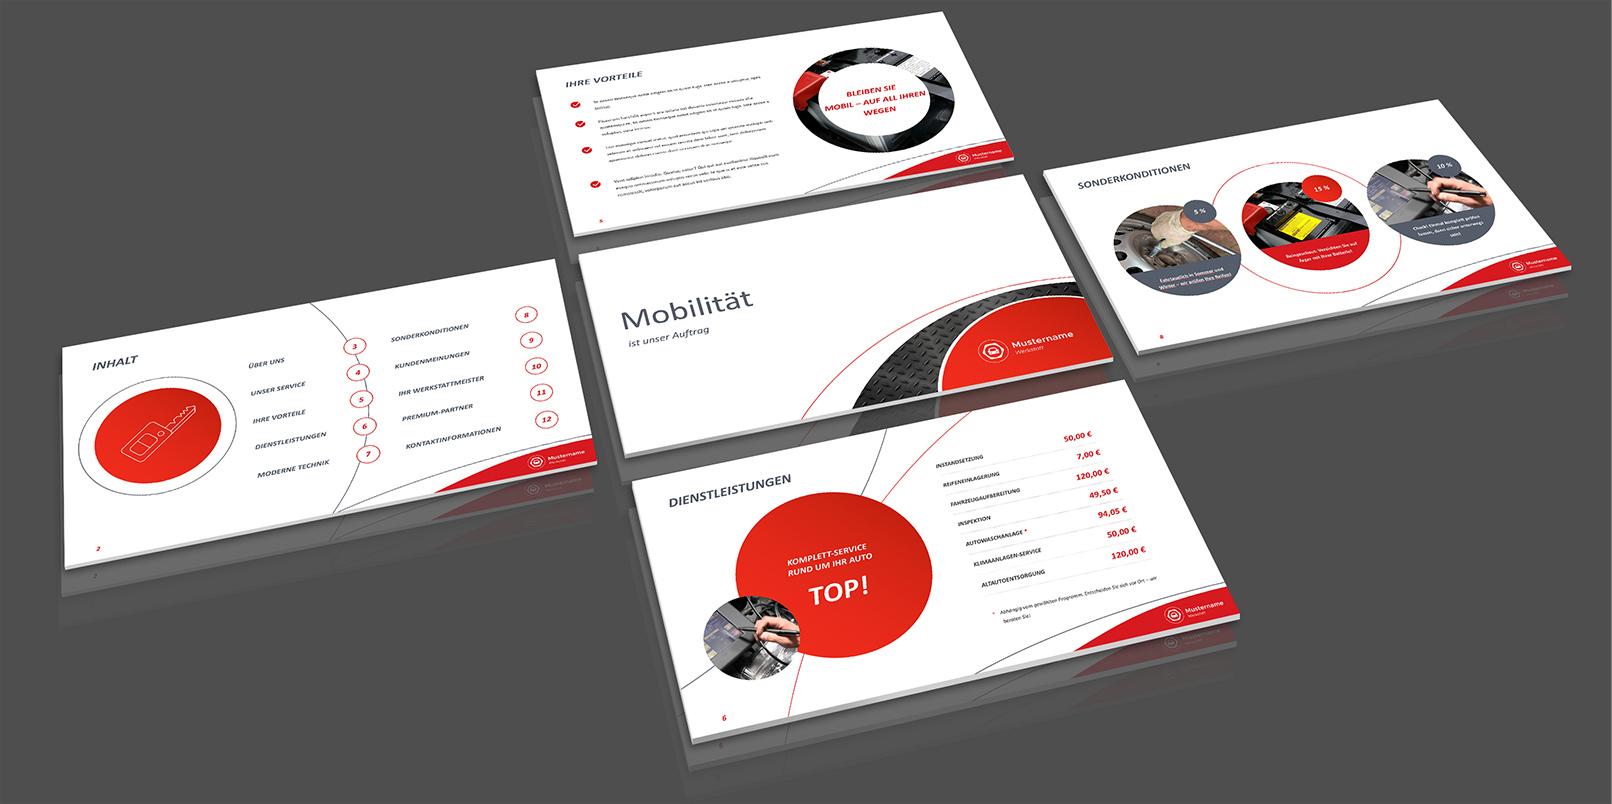 Layout-Vorlagen für PowerPoint: Technik, Werkstatt